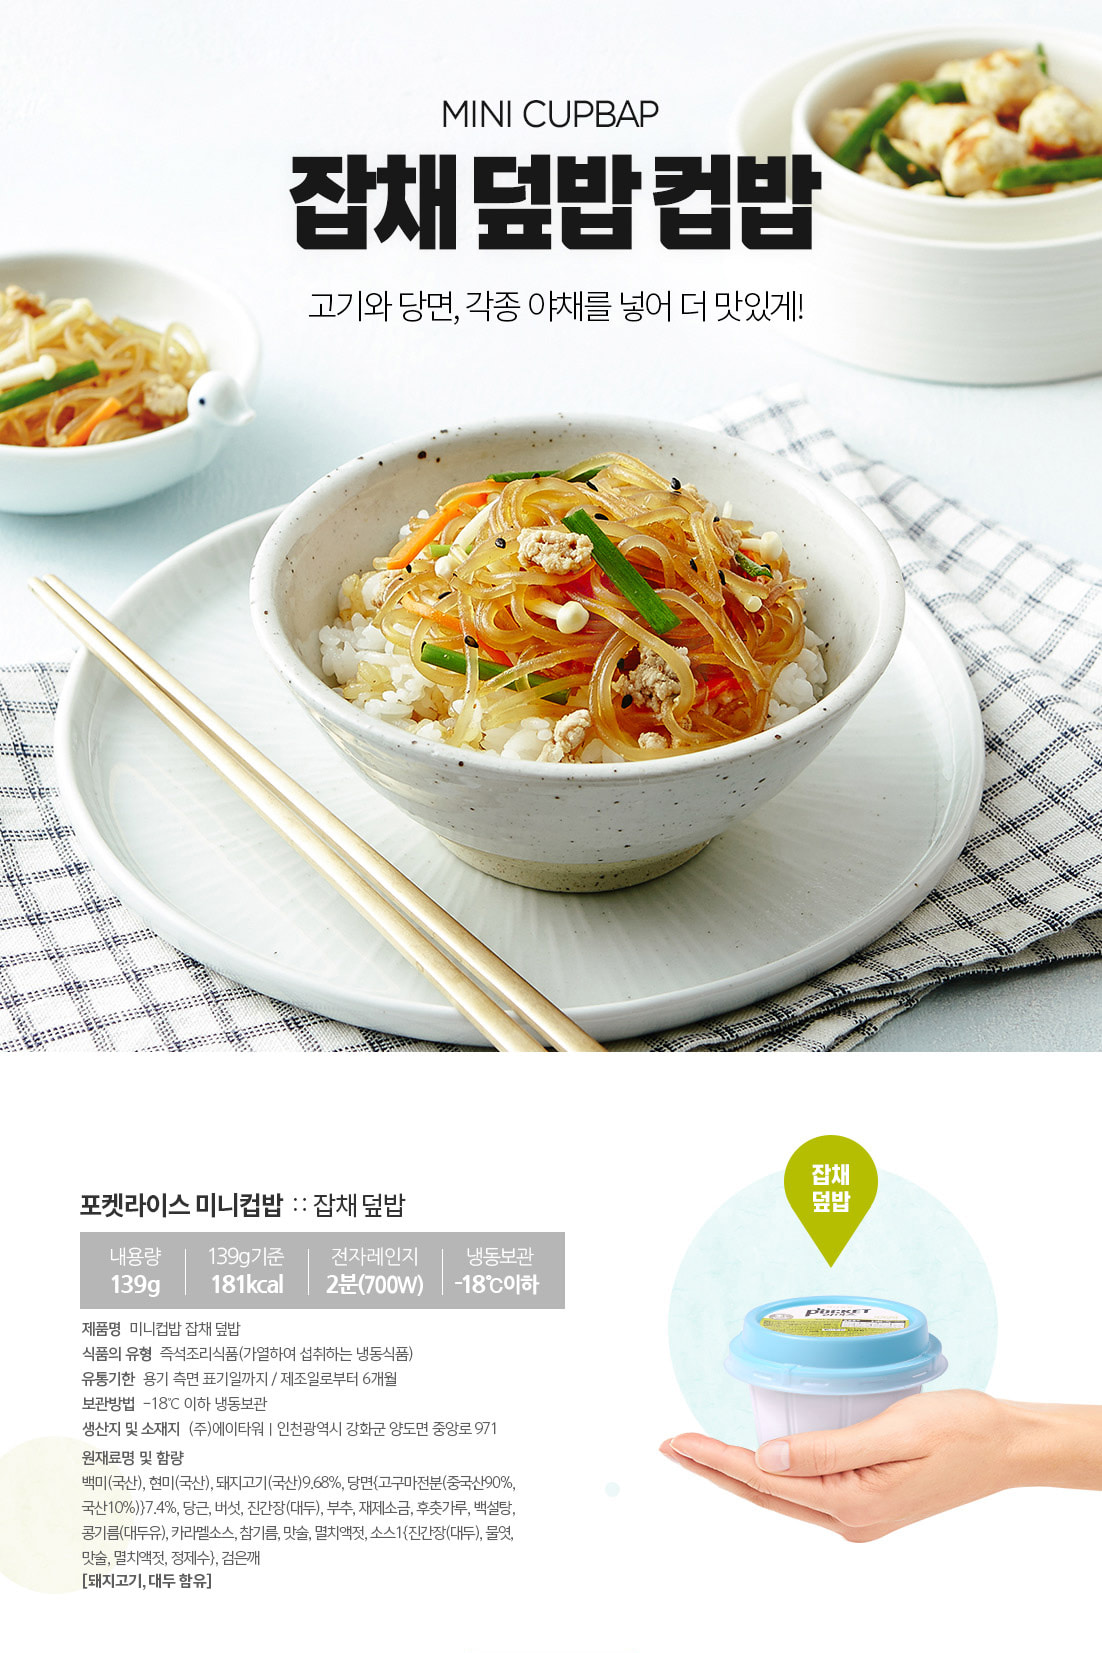 잡채덮밥_정보표시